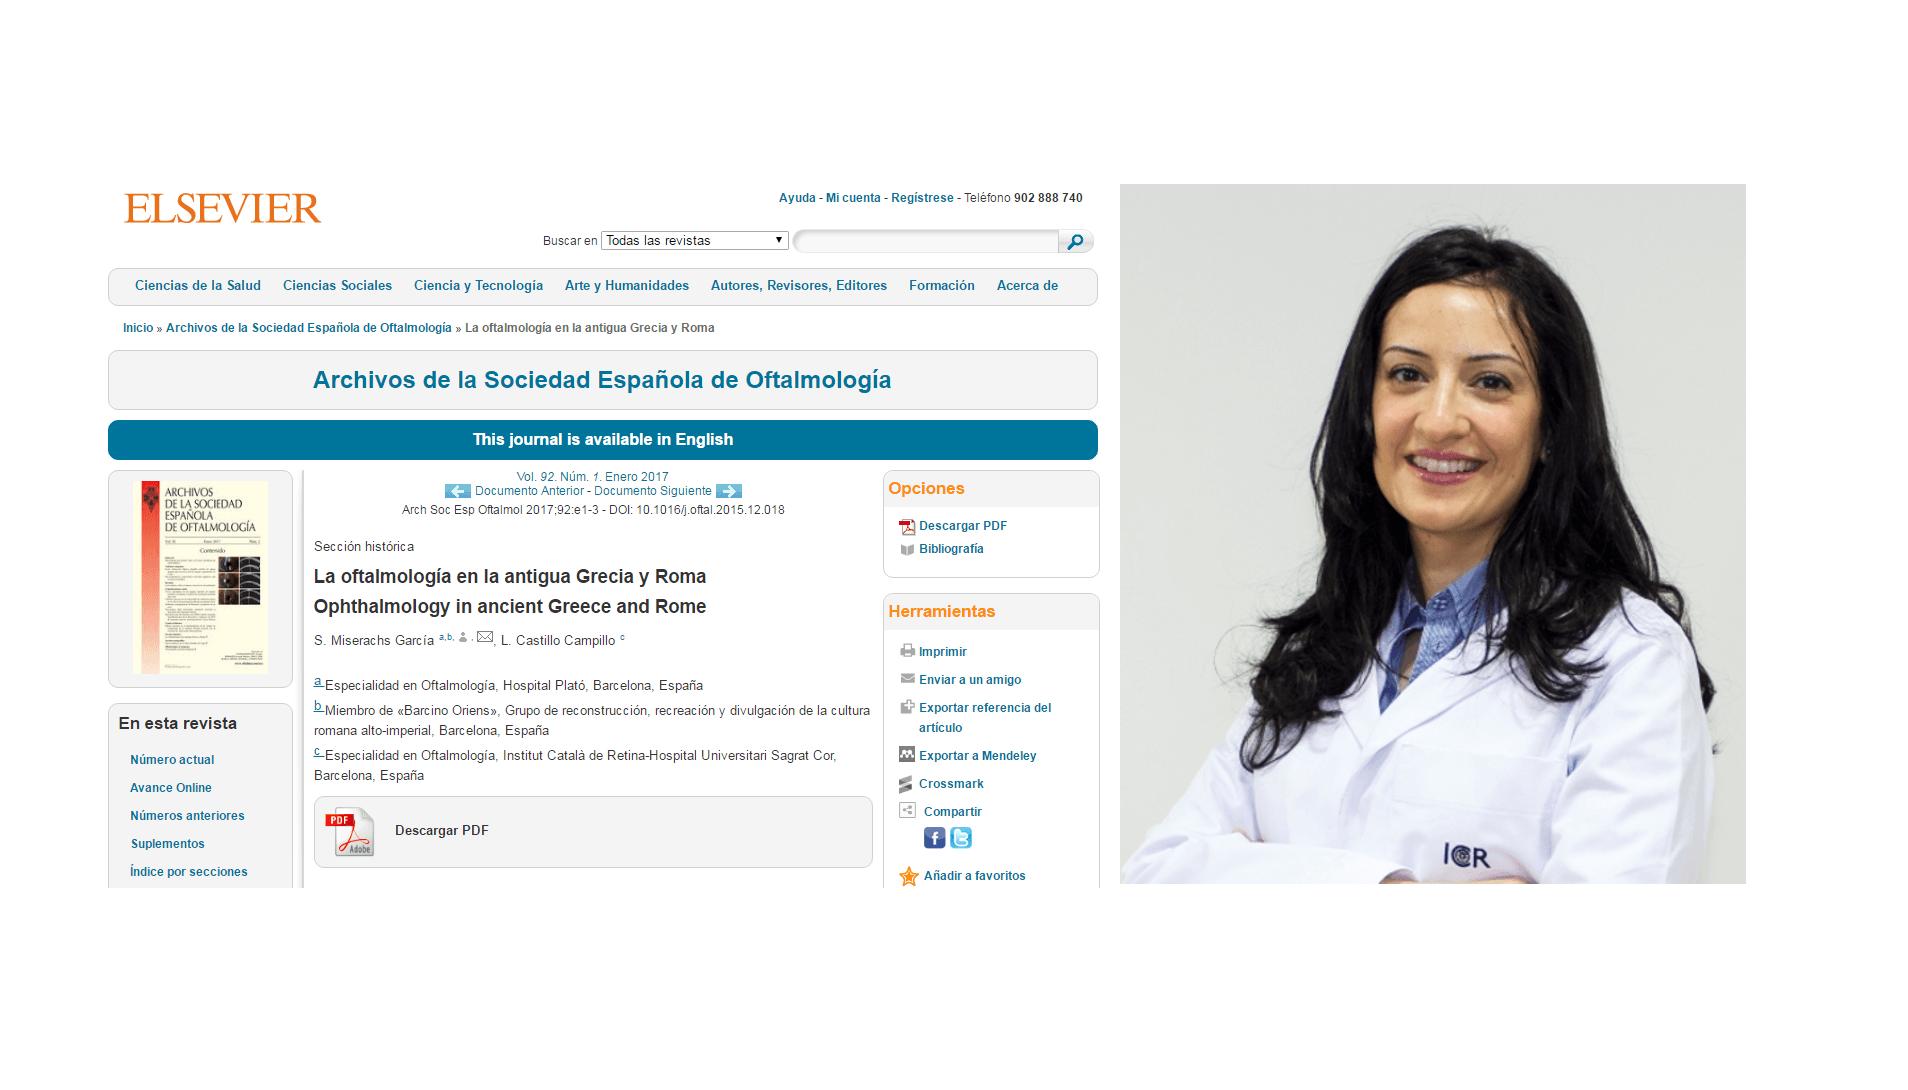 La Dra. Castillo, coautora de un artículo sobre la oftalmología en la antigua Grecia y Roma